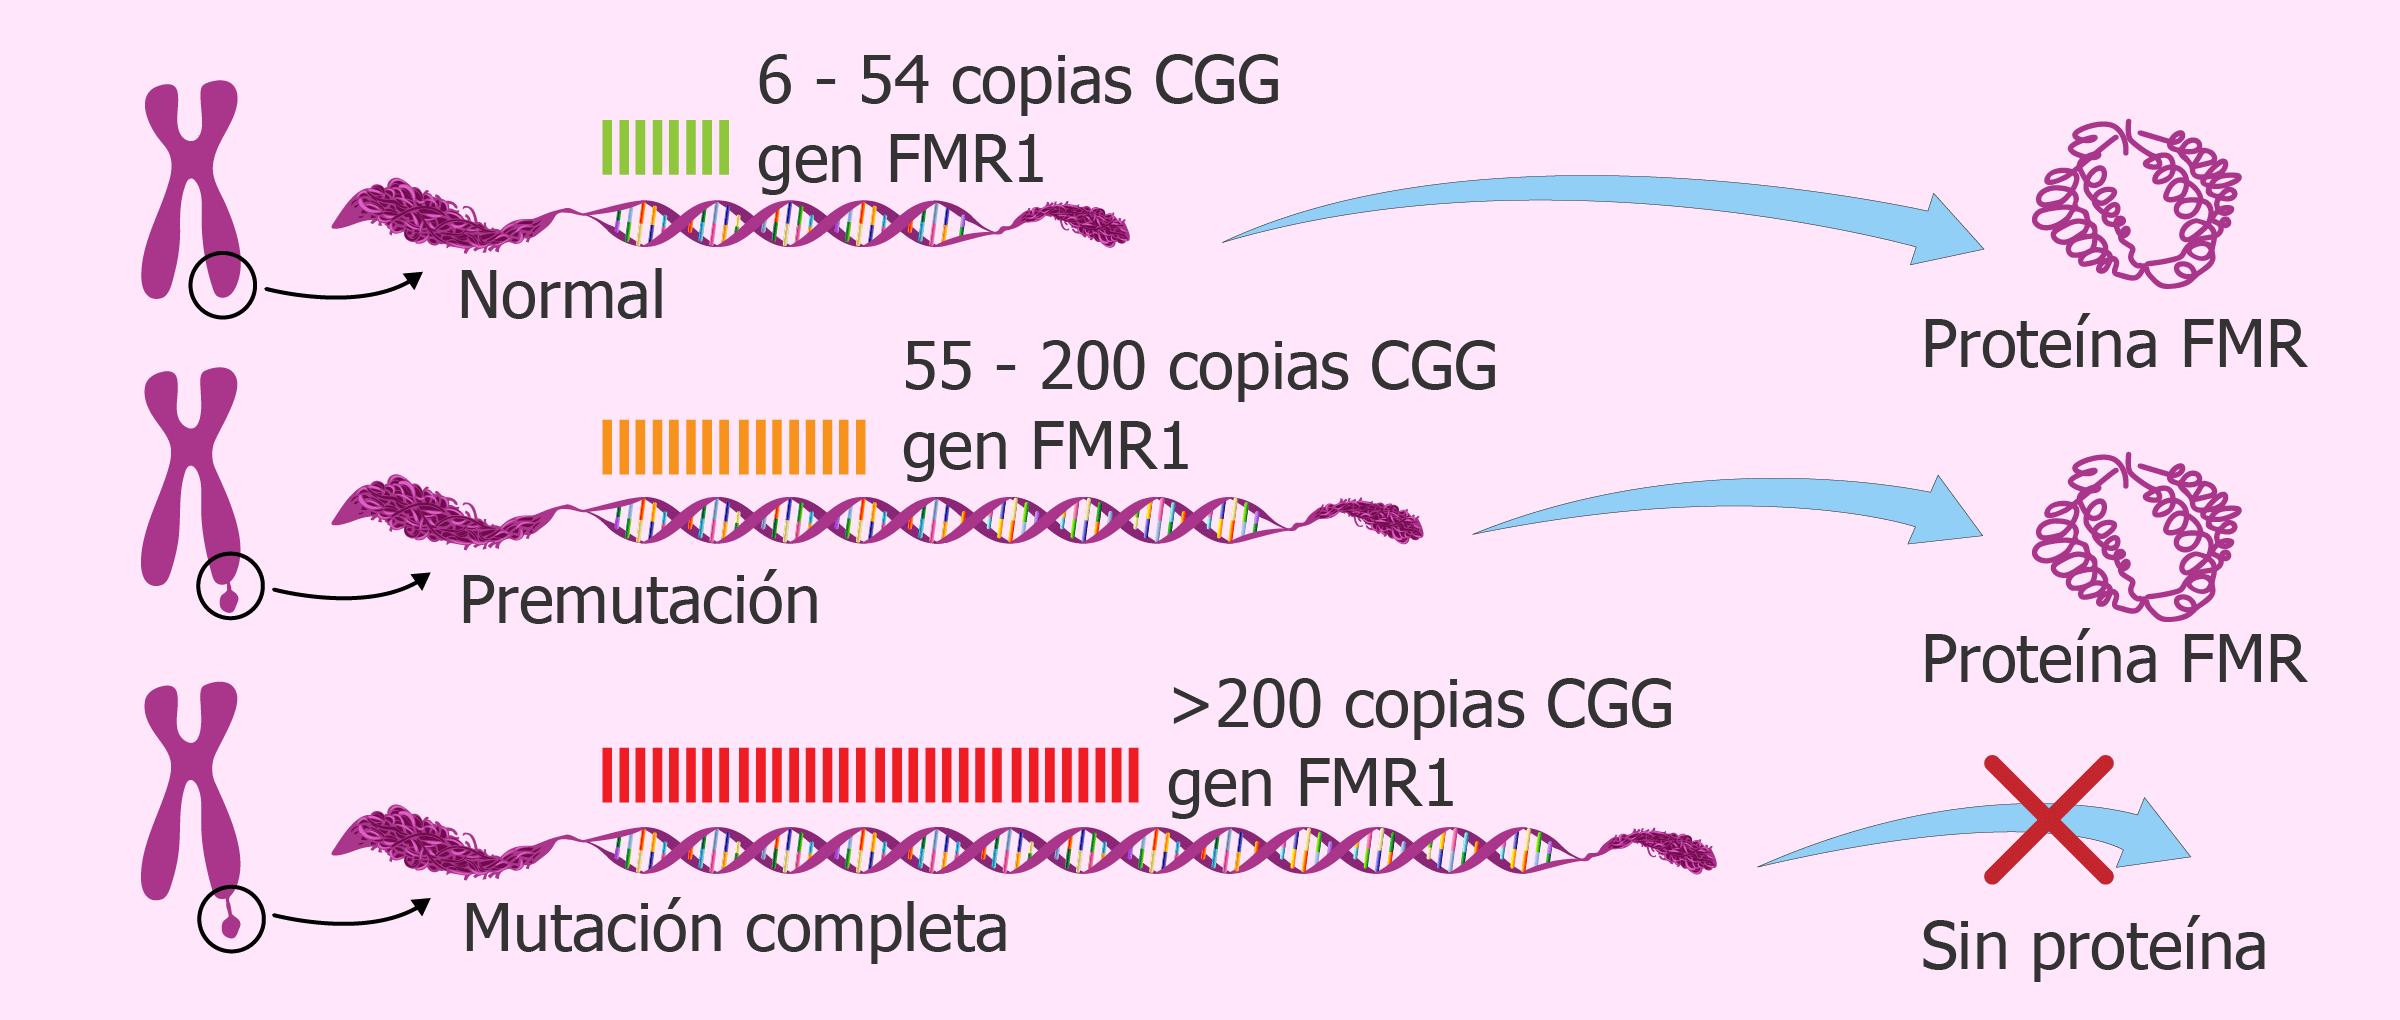 Repeticiones triplete CGG